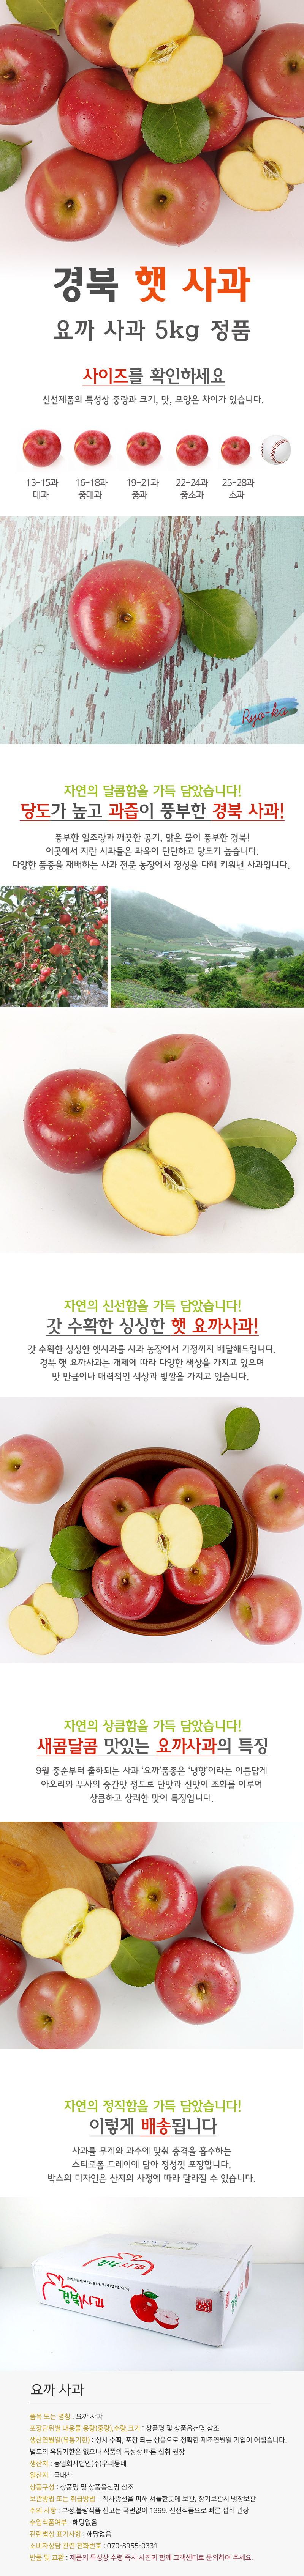 apple_ryo_5kg.jpg